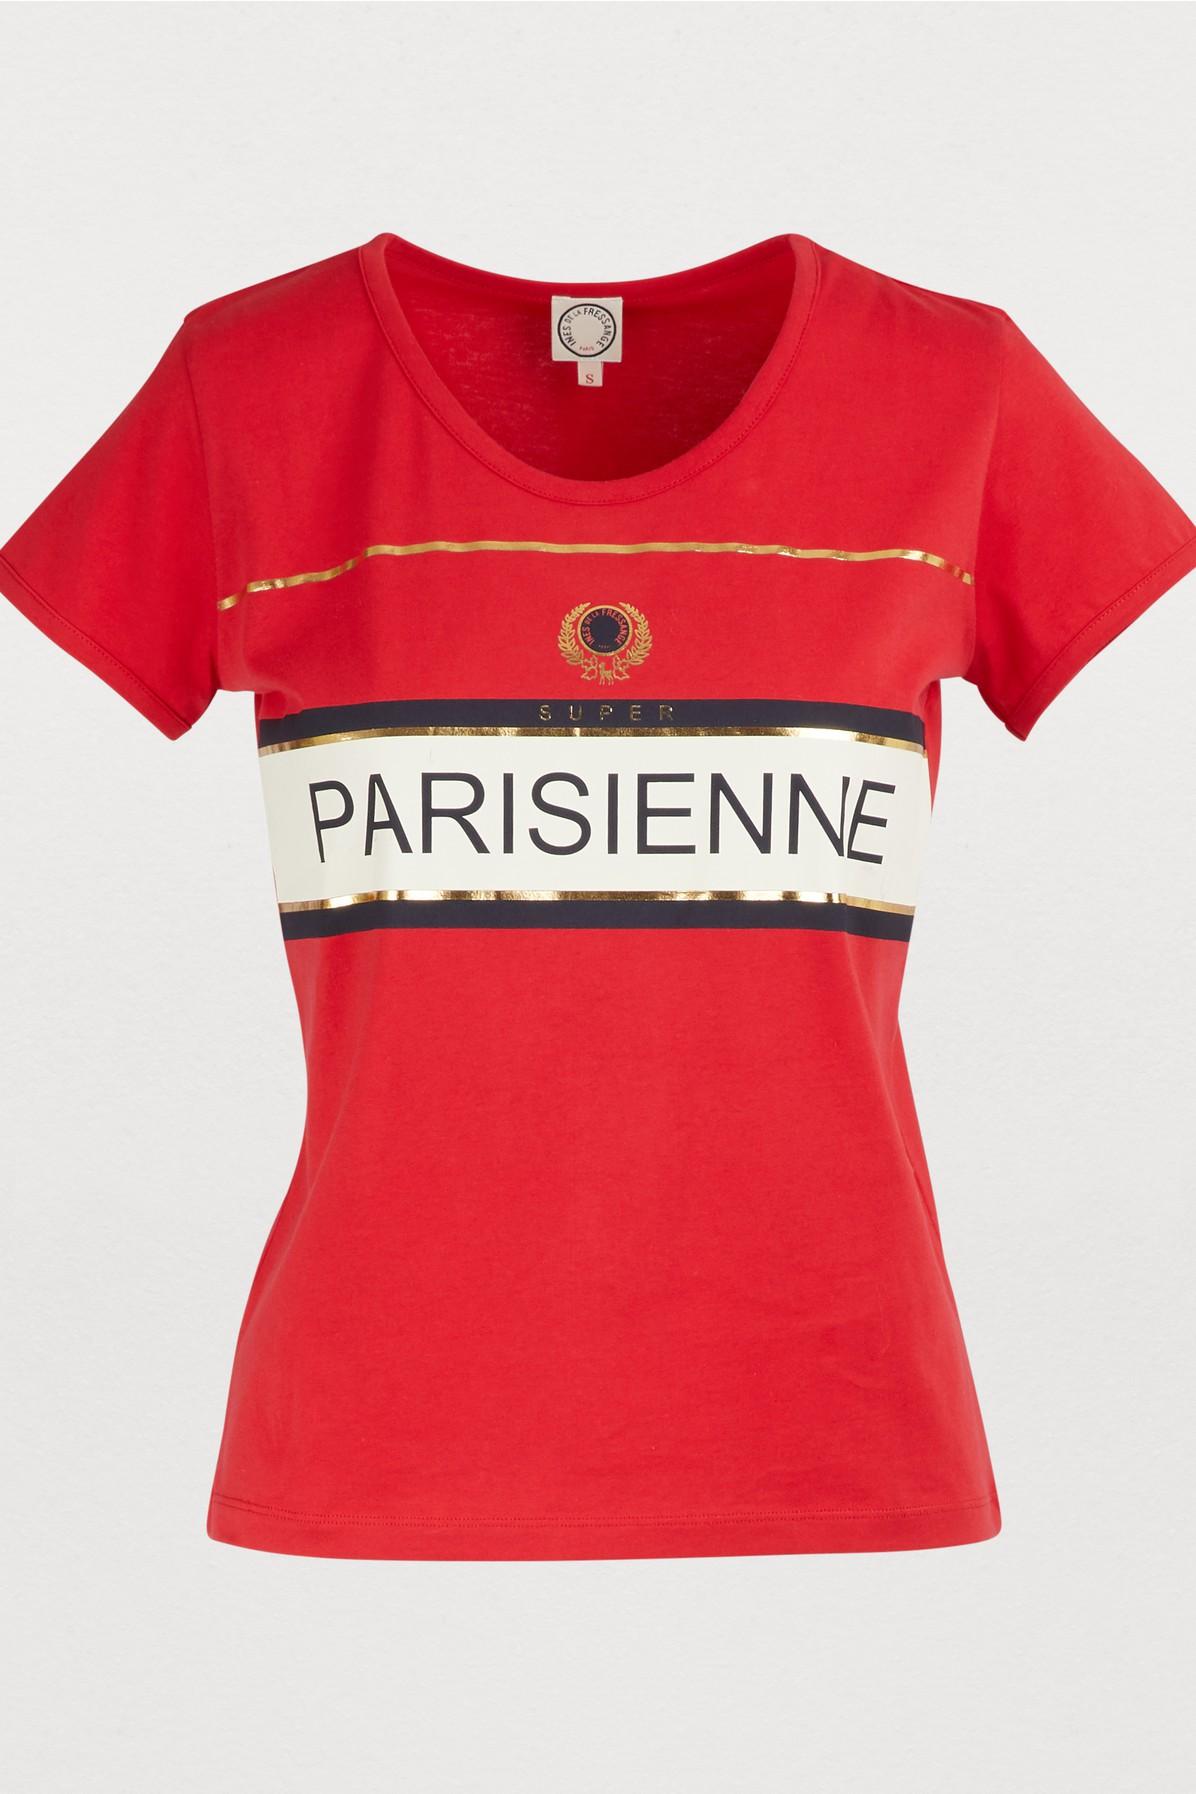 T-shirt Priscilla Parisienne